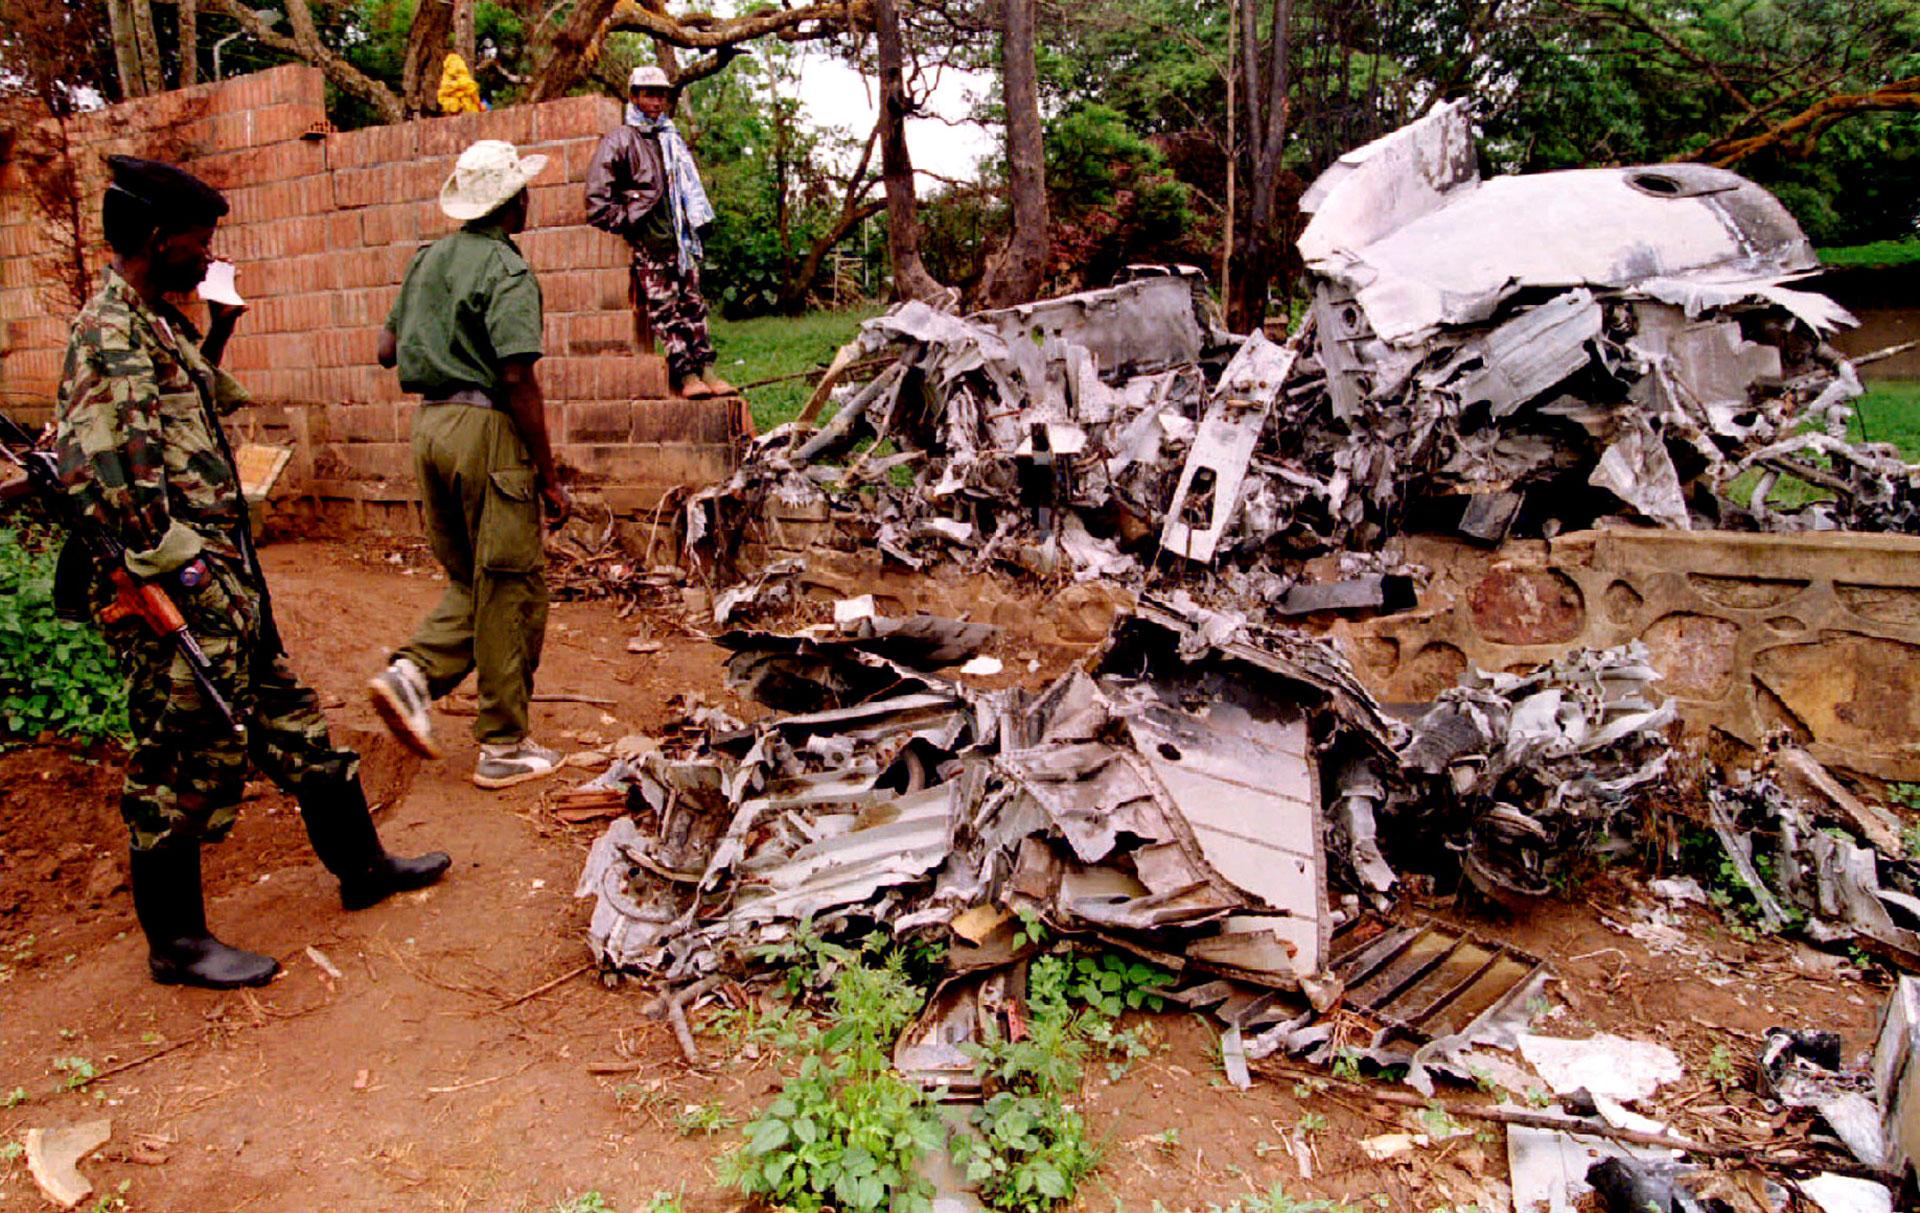 Soldados del Frente Patriótico inspeccionan los restos del avión que trasladaba a los presidentes de Ruanda y Burundi el 6 de abril de 1994 (Reuters)